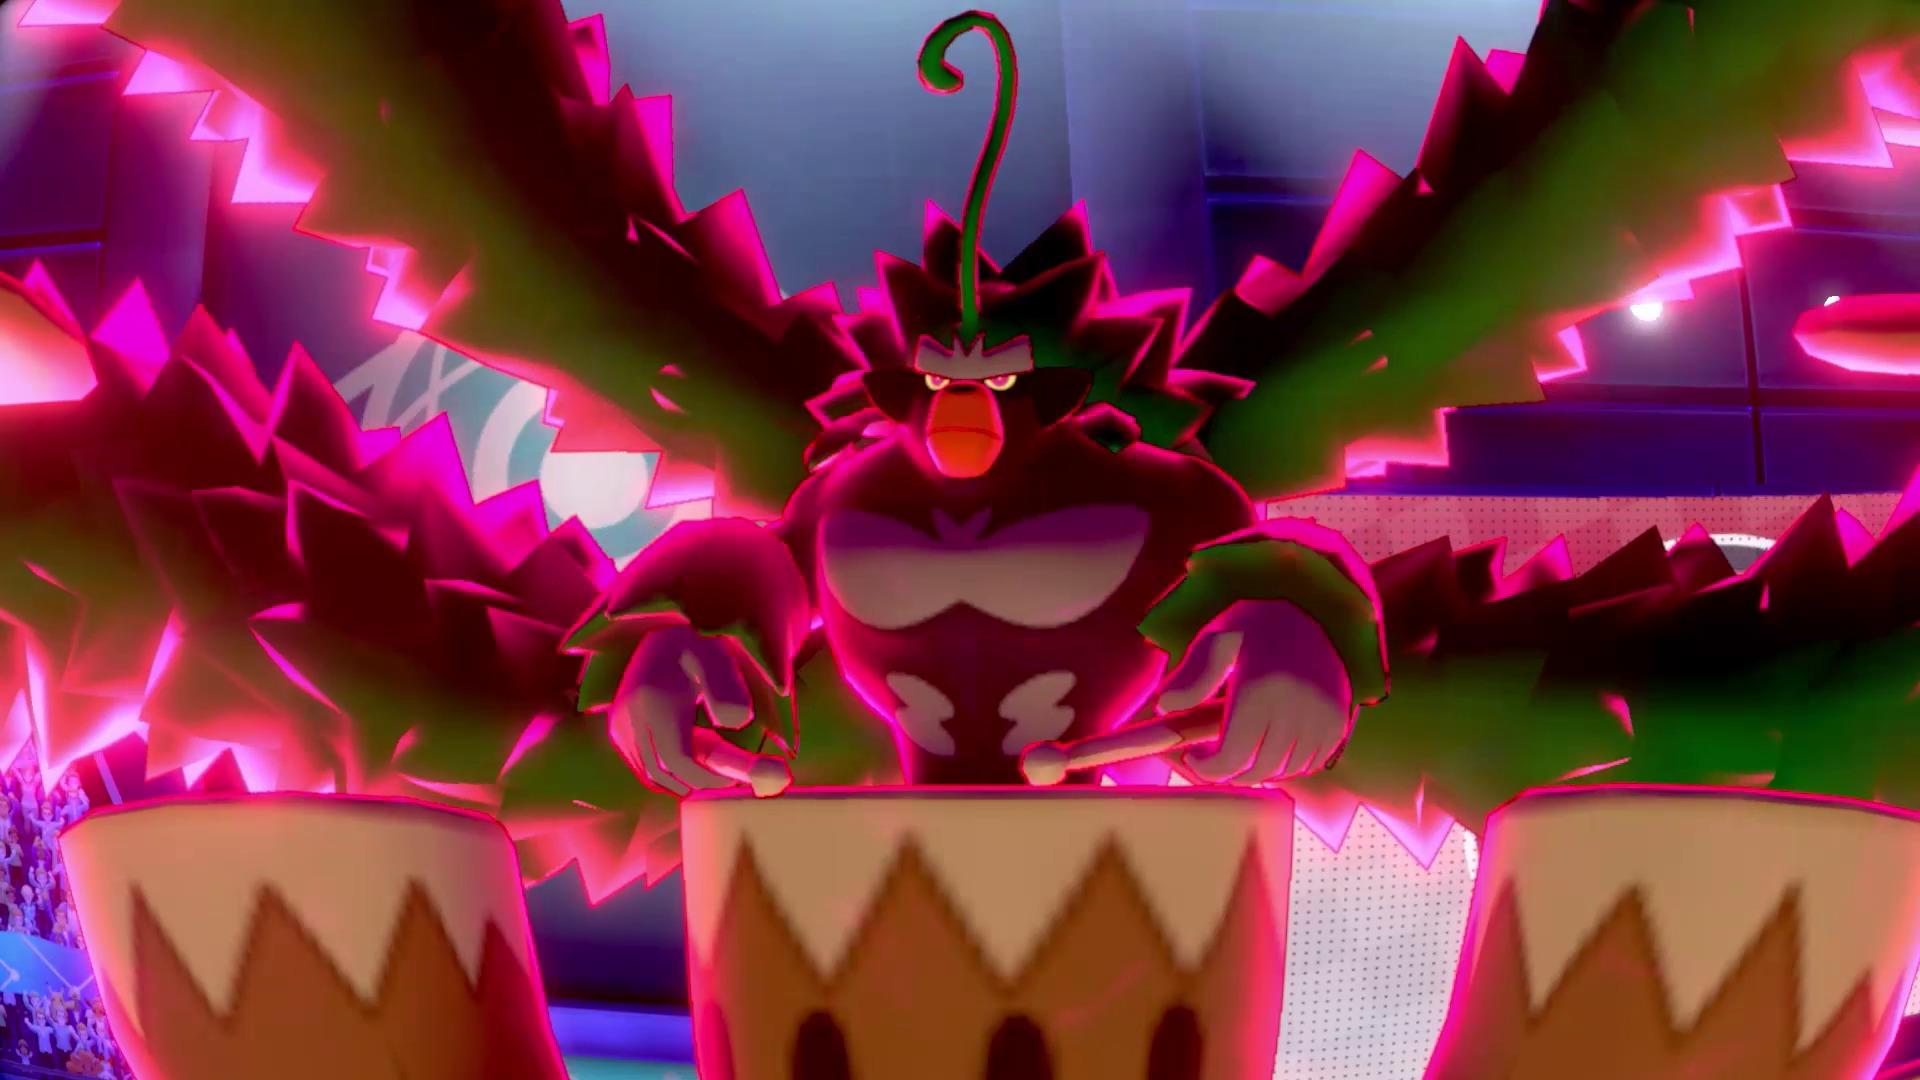 ゴリランダー(キョダイマックスのすがた)※画面は開発中のものです。 (c)2020 Pokémon. (c)1995-2020 Nintendo/Creatures Inc. /GAME FREAK inc.